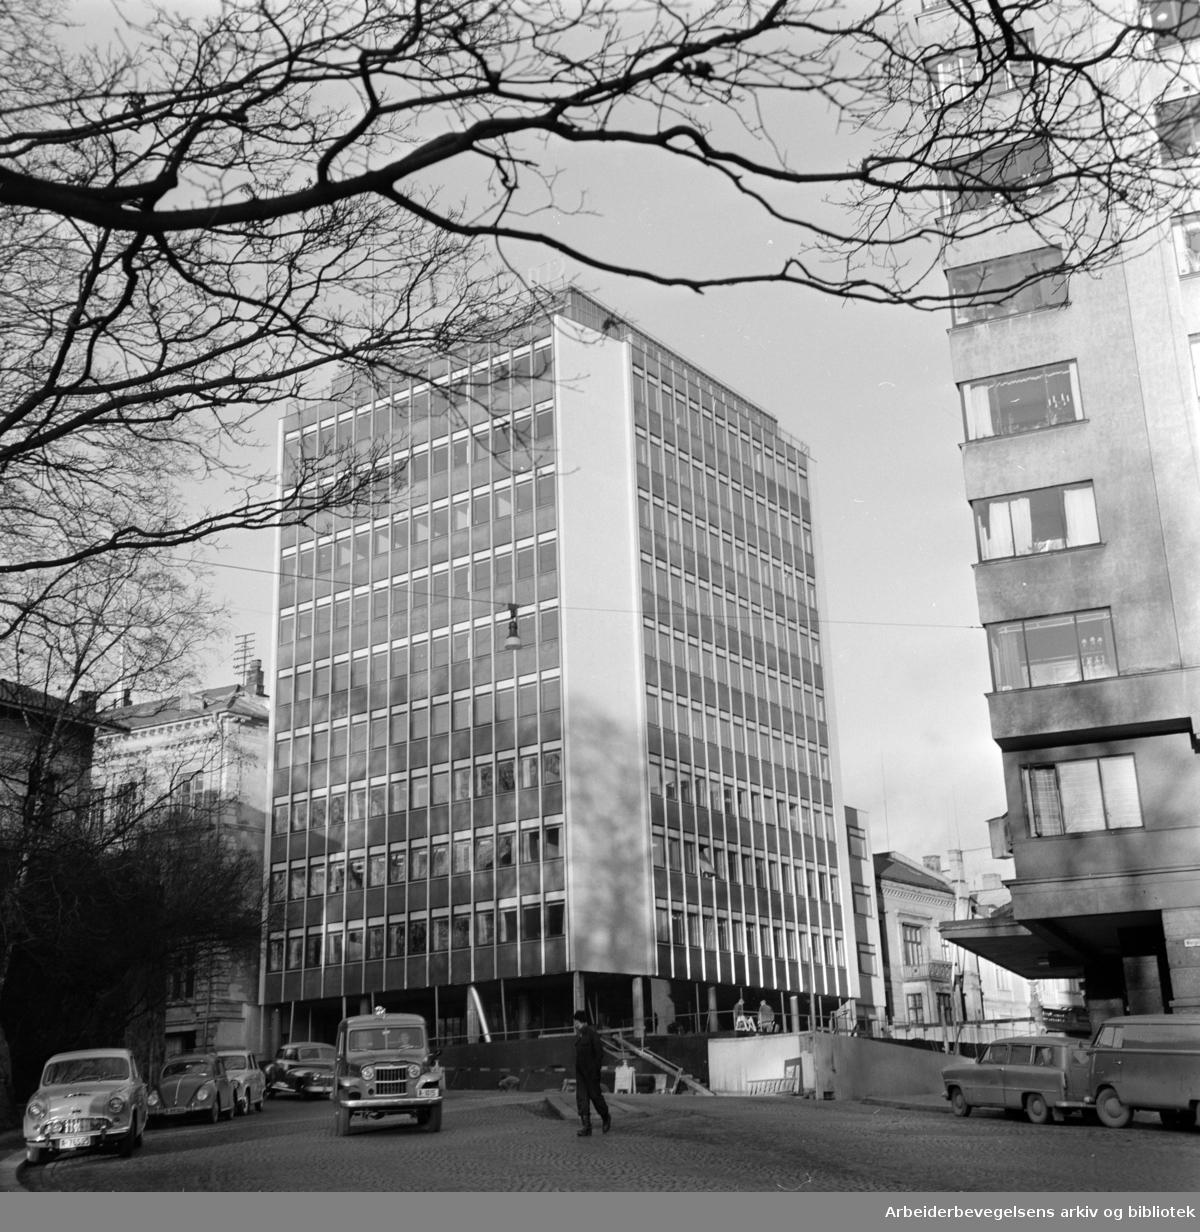 Dovre forsikringsselskap i Wergelandsveien. Desember 1958